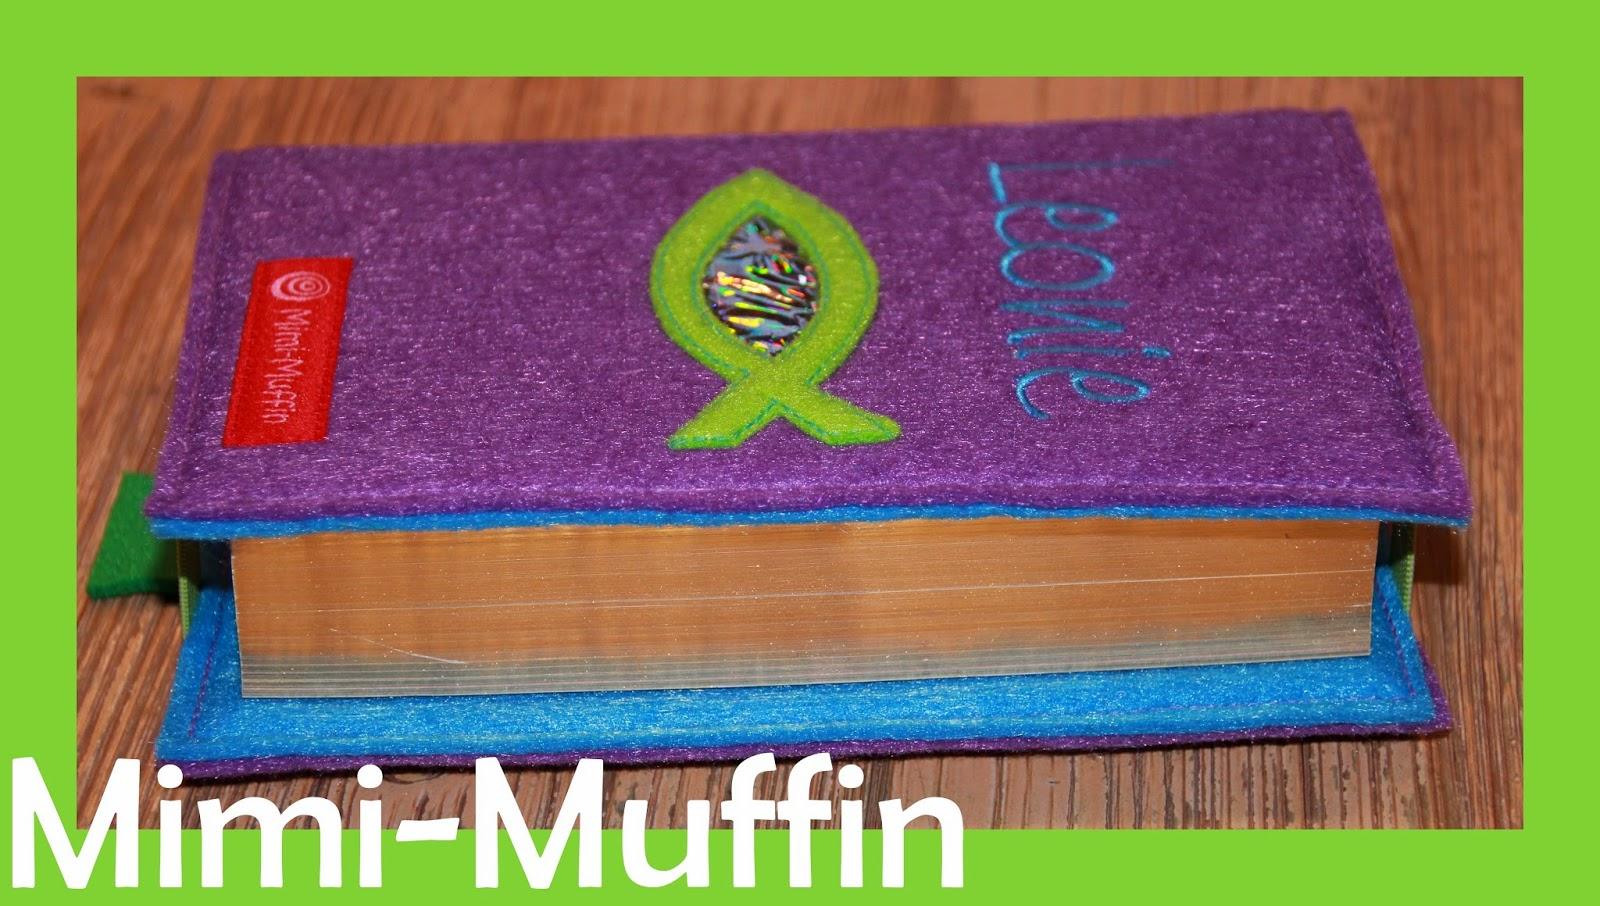 Mimi muffin filzige gotteslobh llen zur kommuni - Piratenzimmer deko ...